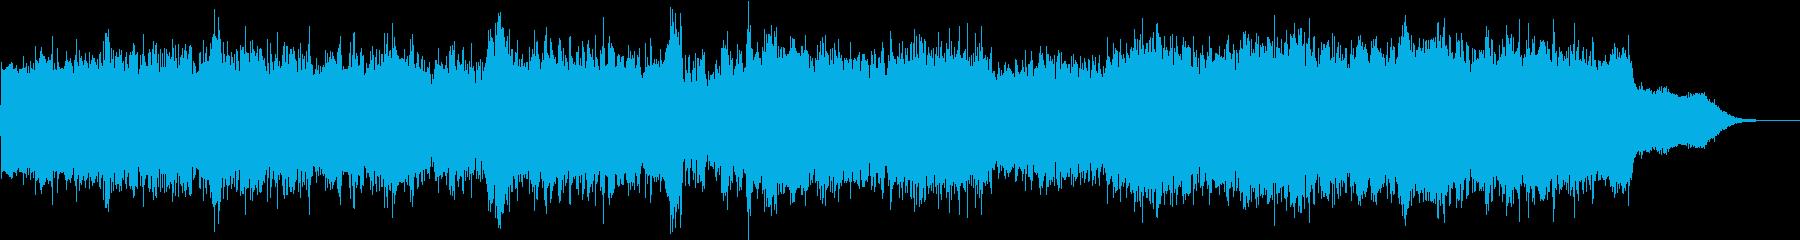 激しめのギター曲の再生済みの波形